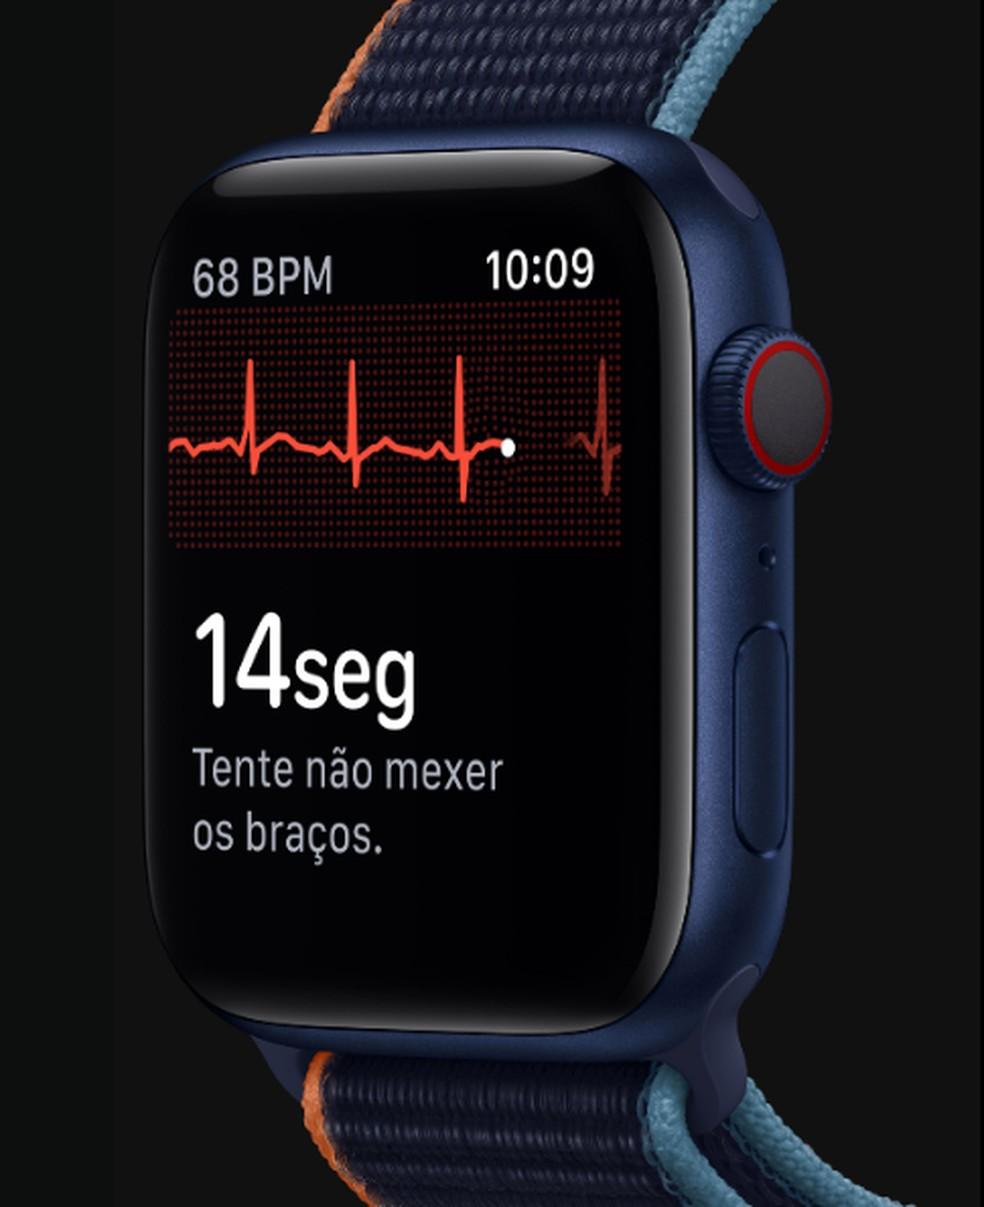 Estudo mostra que medição de batimentos cardíacos se normaliza em até duas semanas após detecção da doença — Foto: Divulgação/Apple